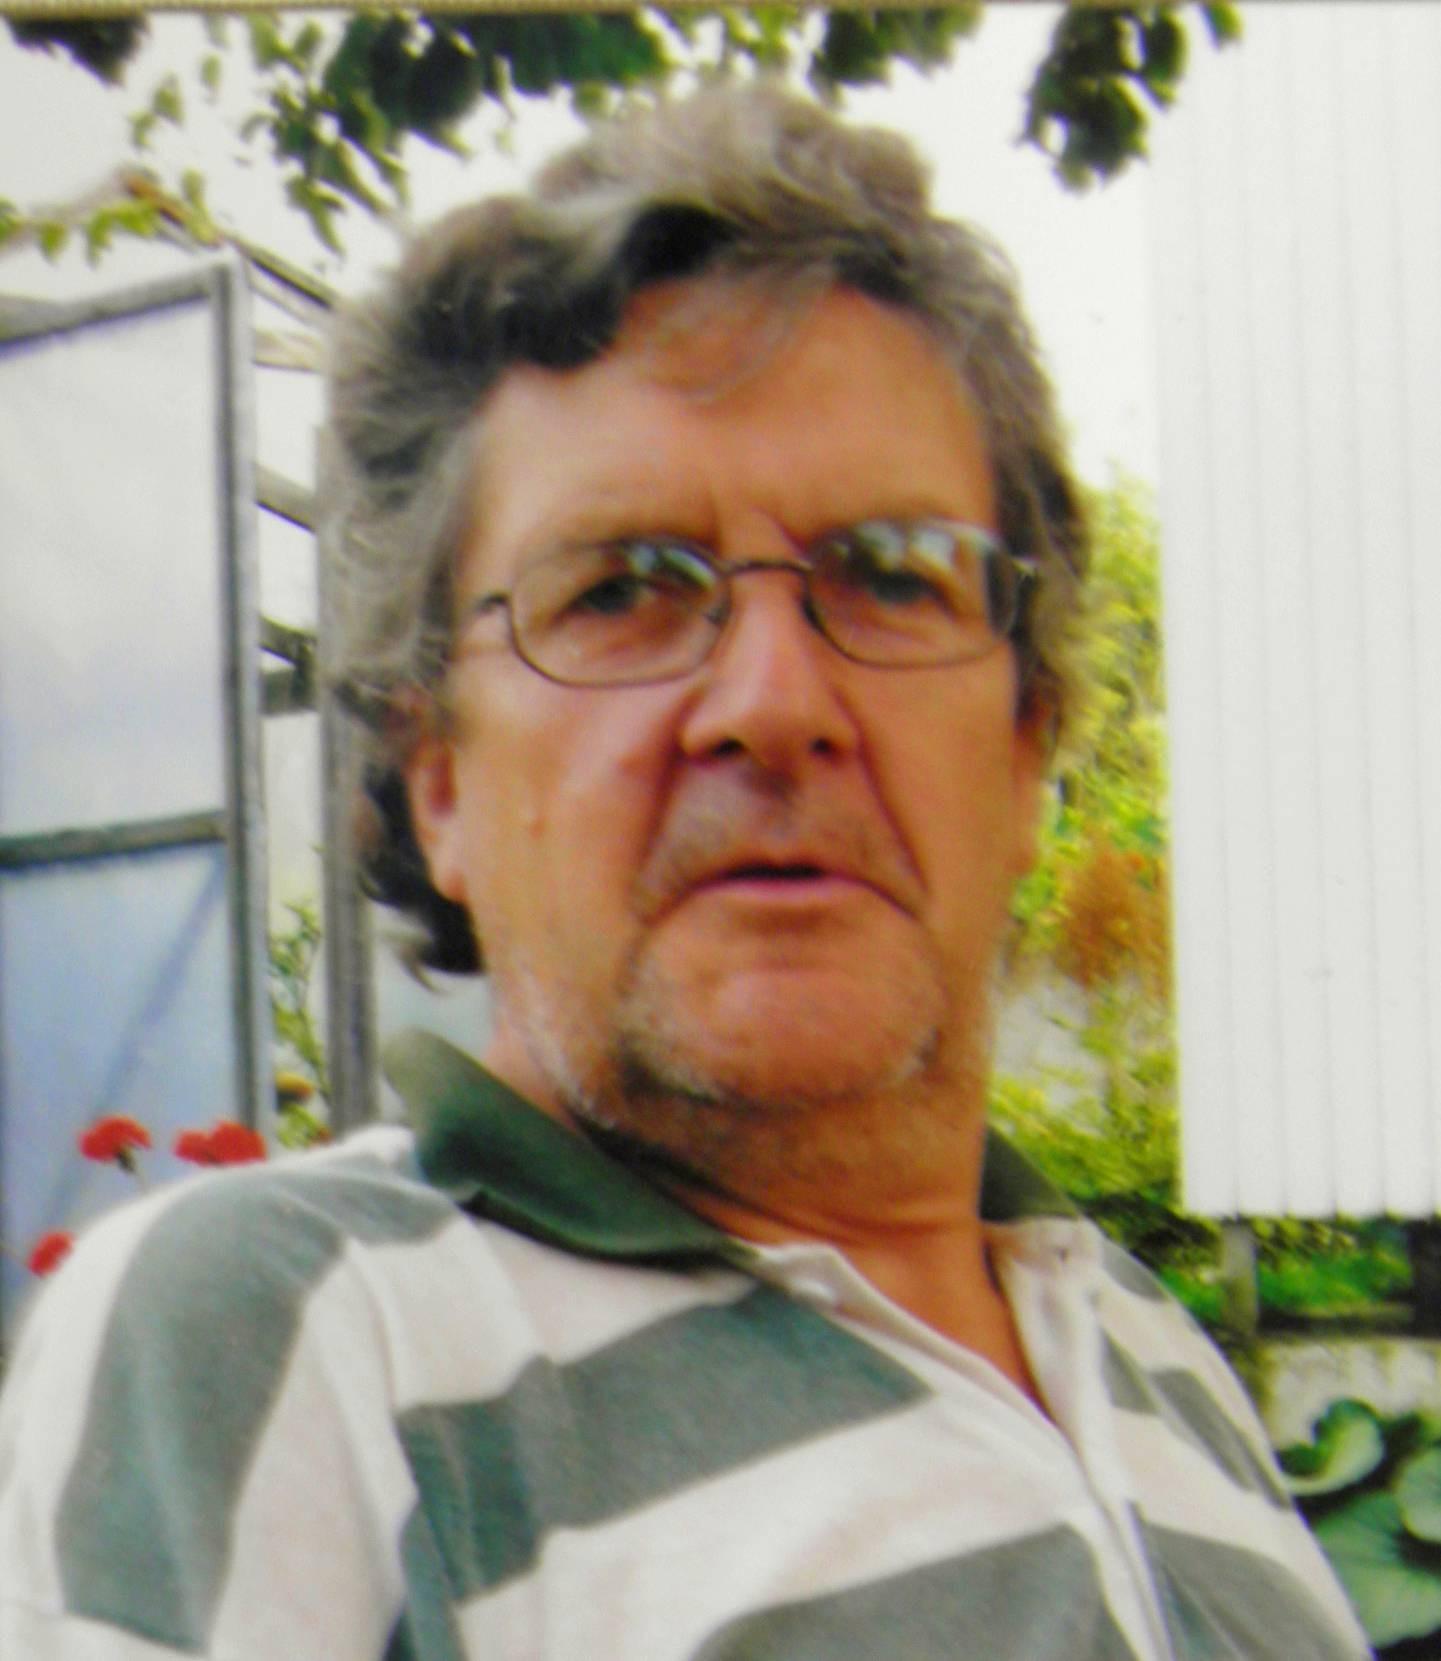 Petras Kardokas